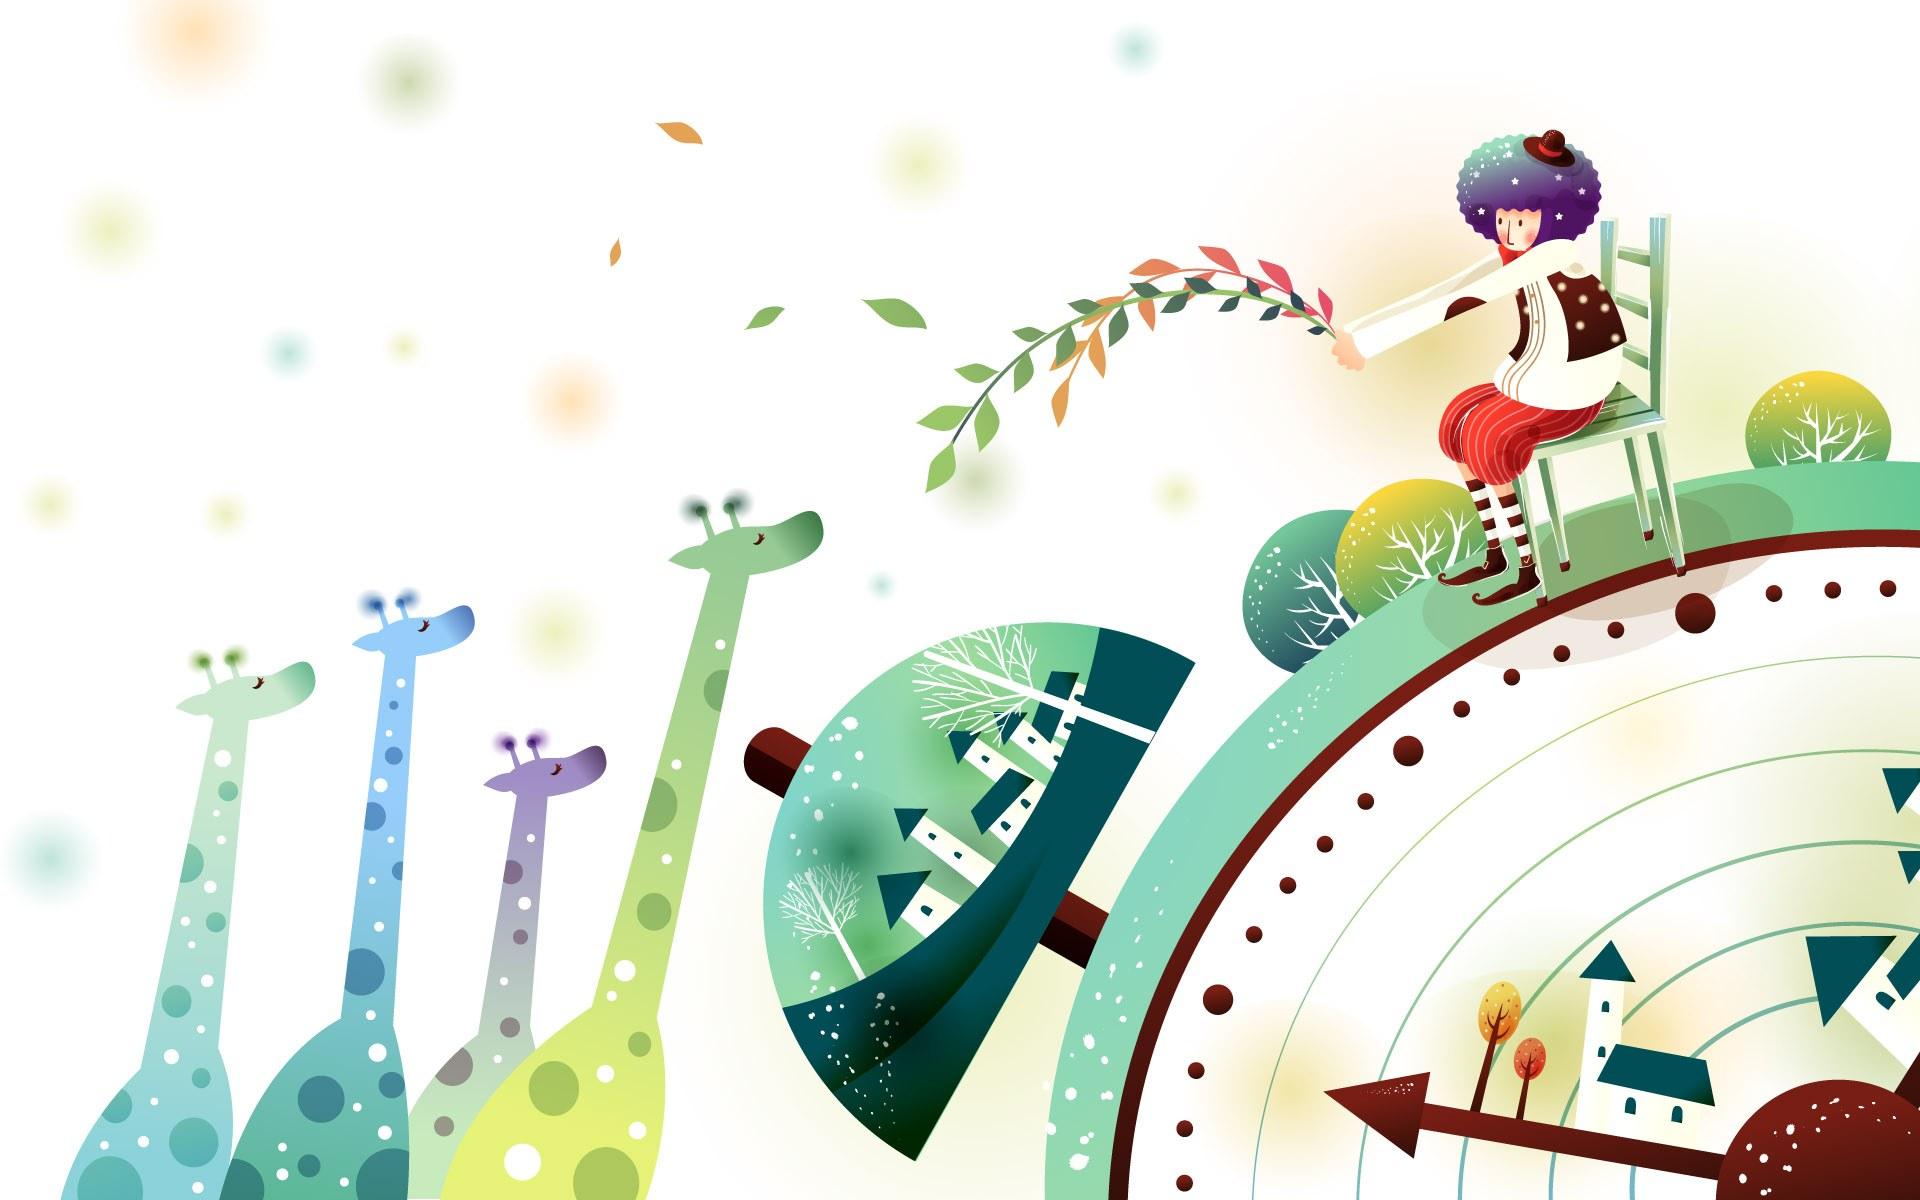 韩国儿童卡通插画背景ps素材 40p 中国photoshop资源网 Ps教程 Psd模板 照片处理 Ps素材 背景